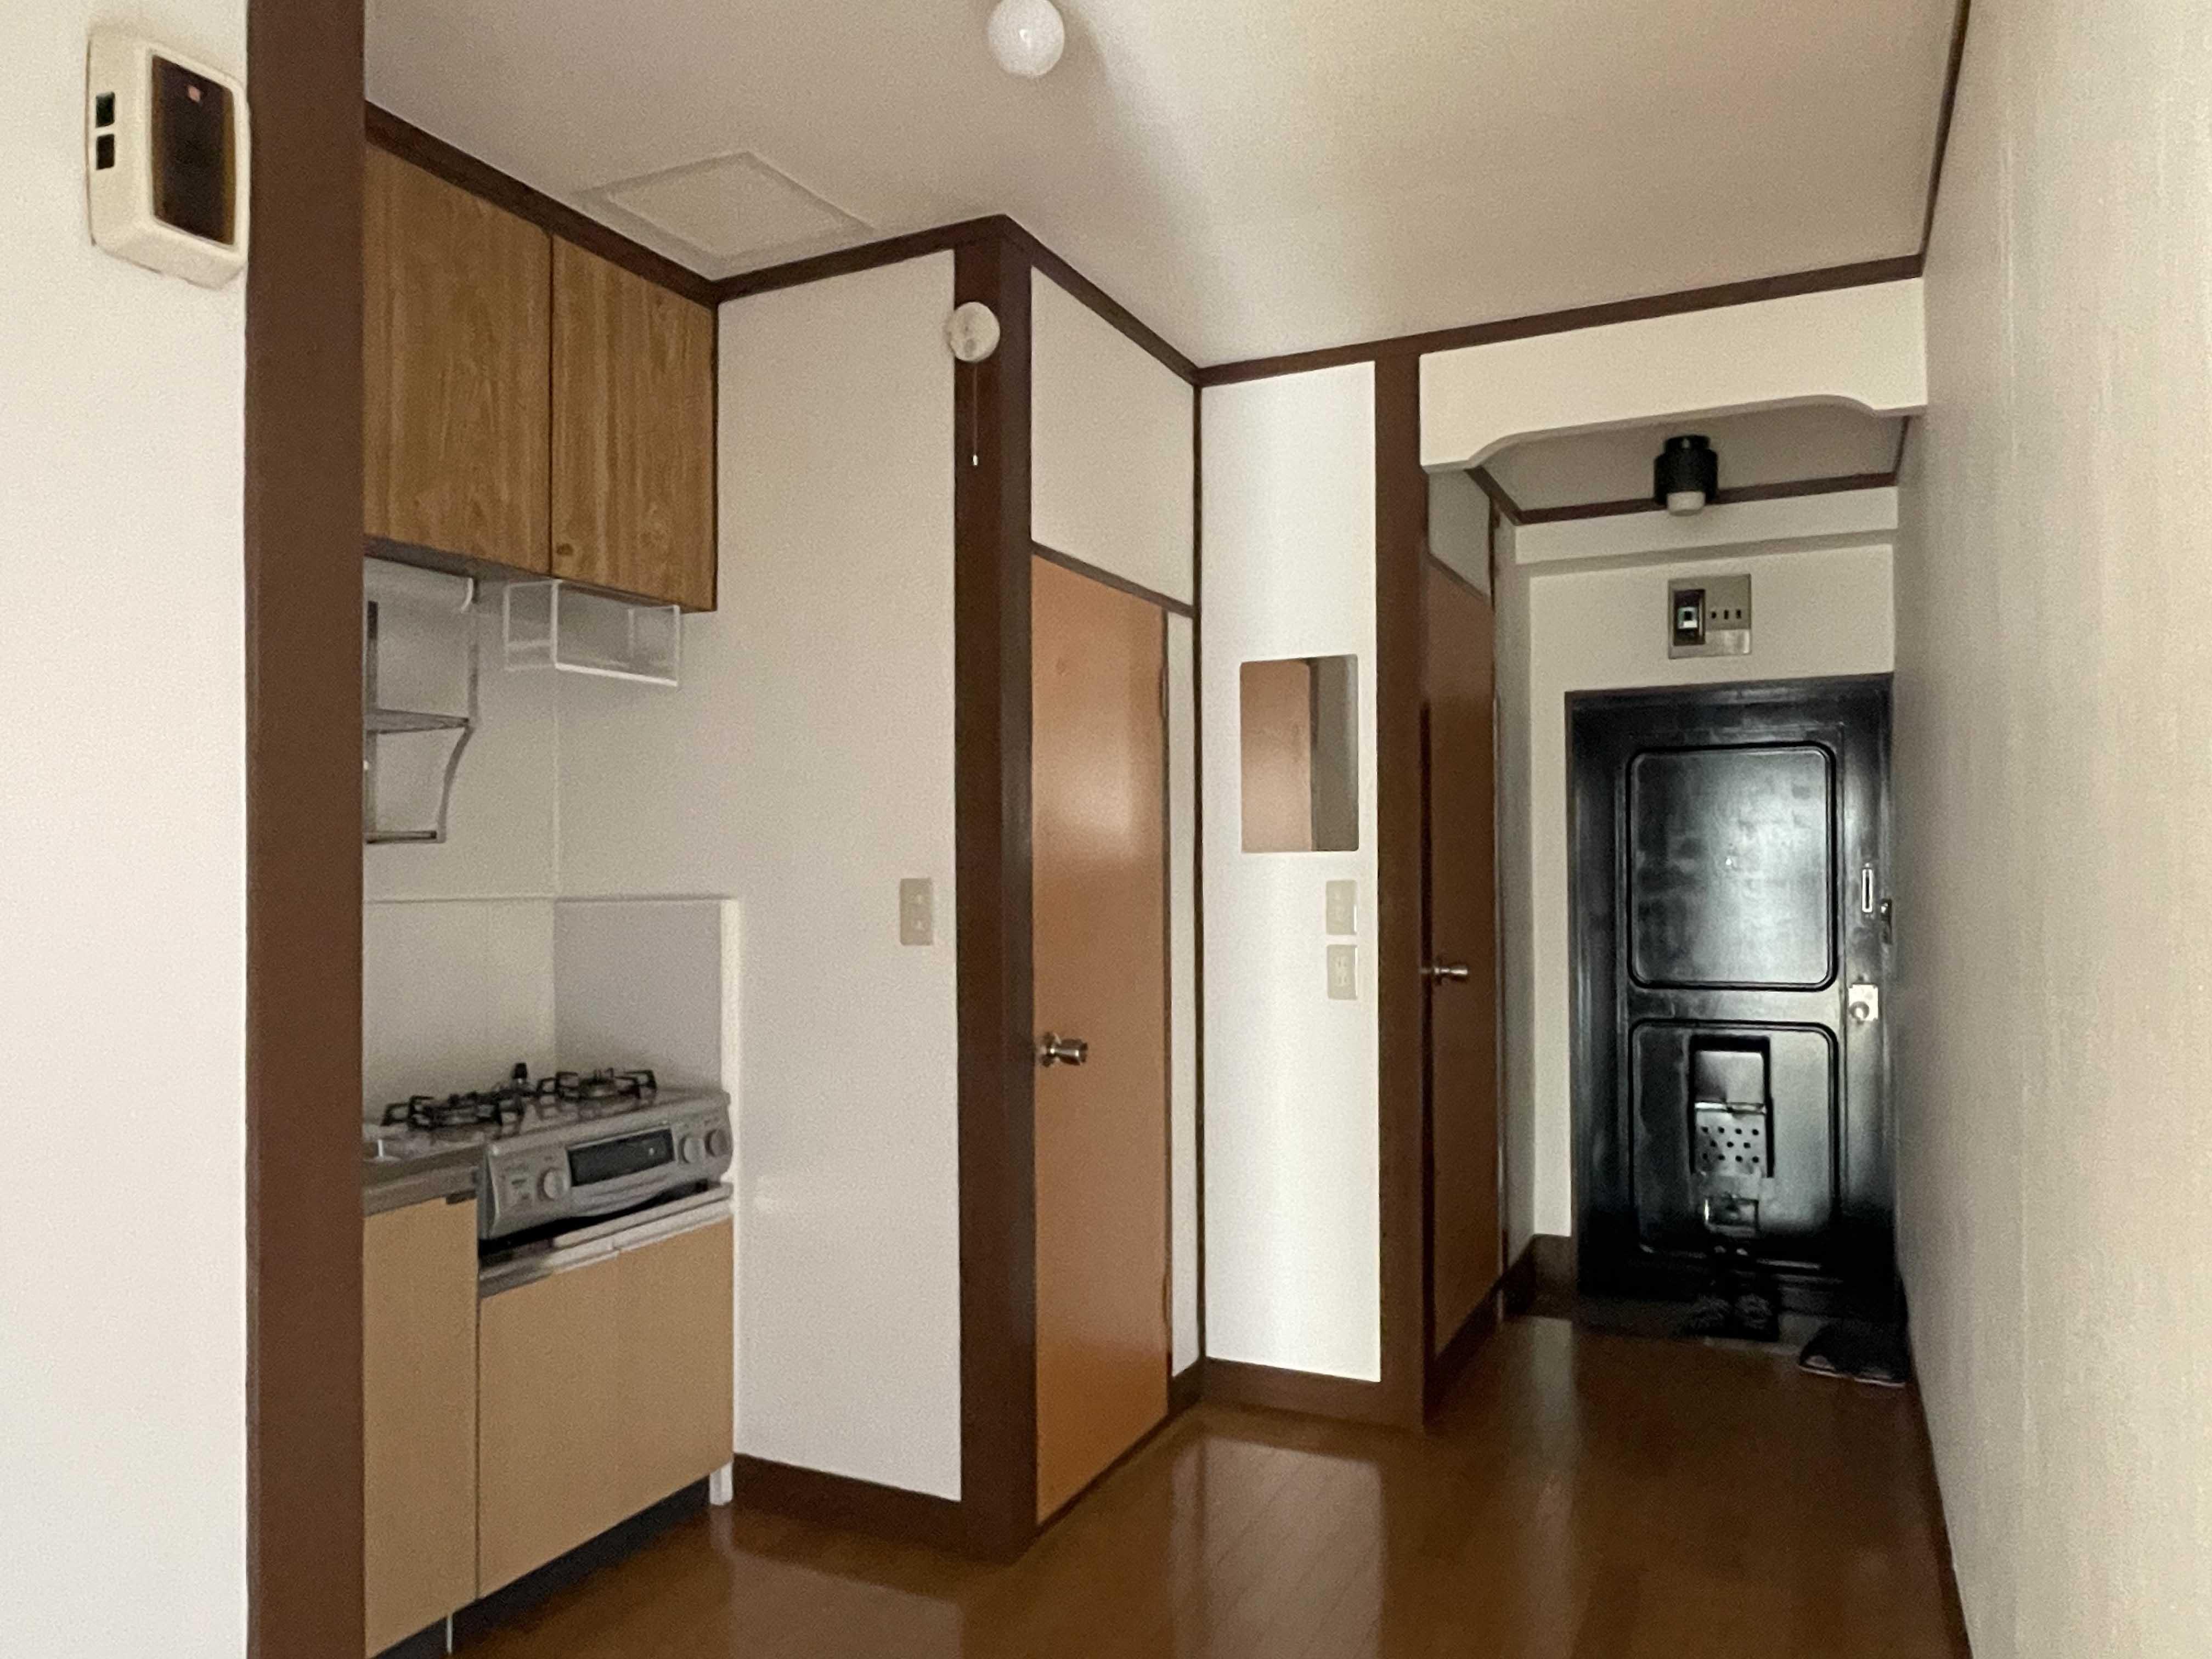 205号室:3畳のキッチンスペース